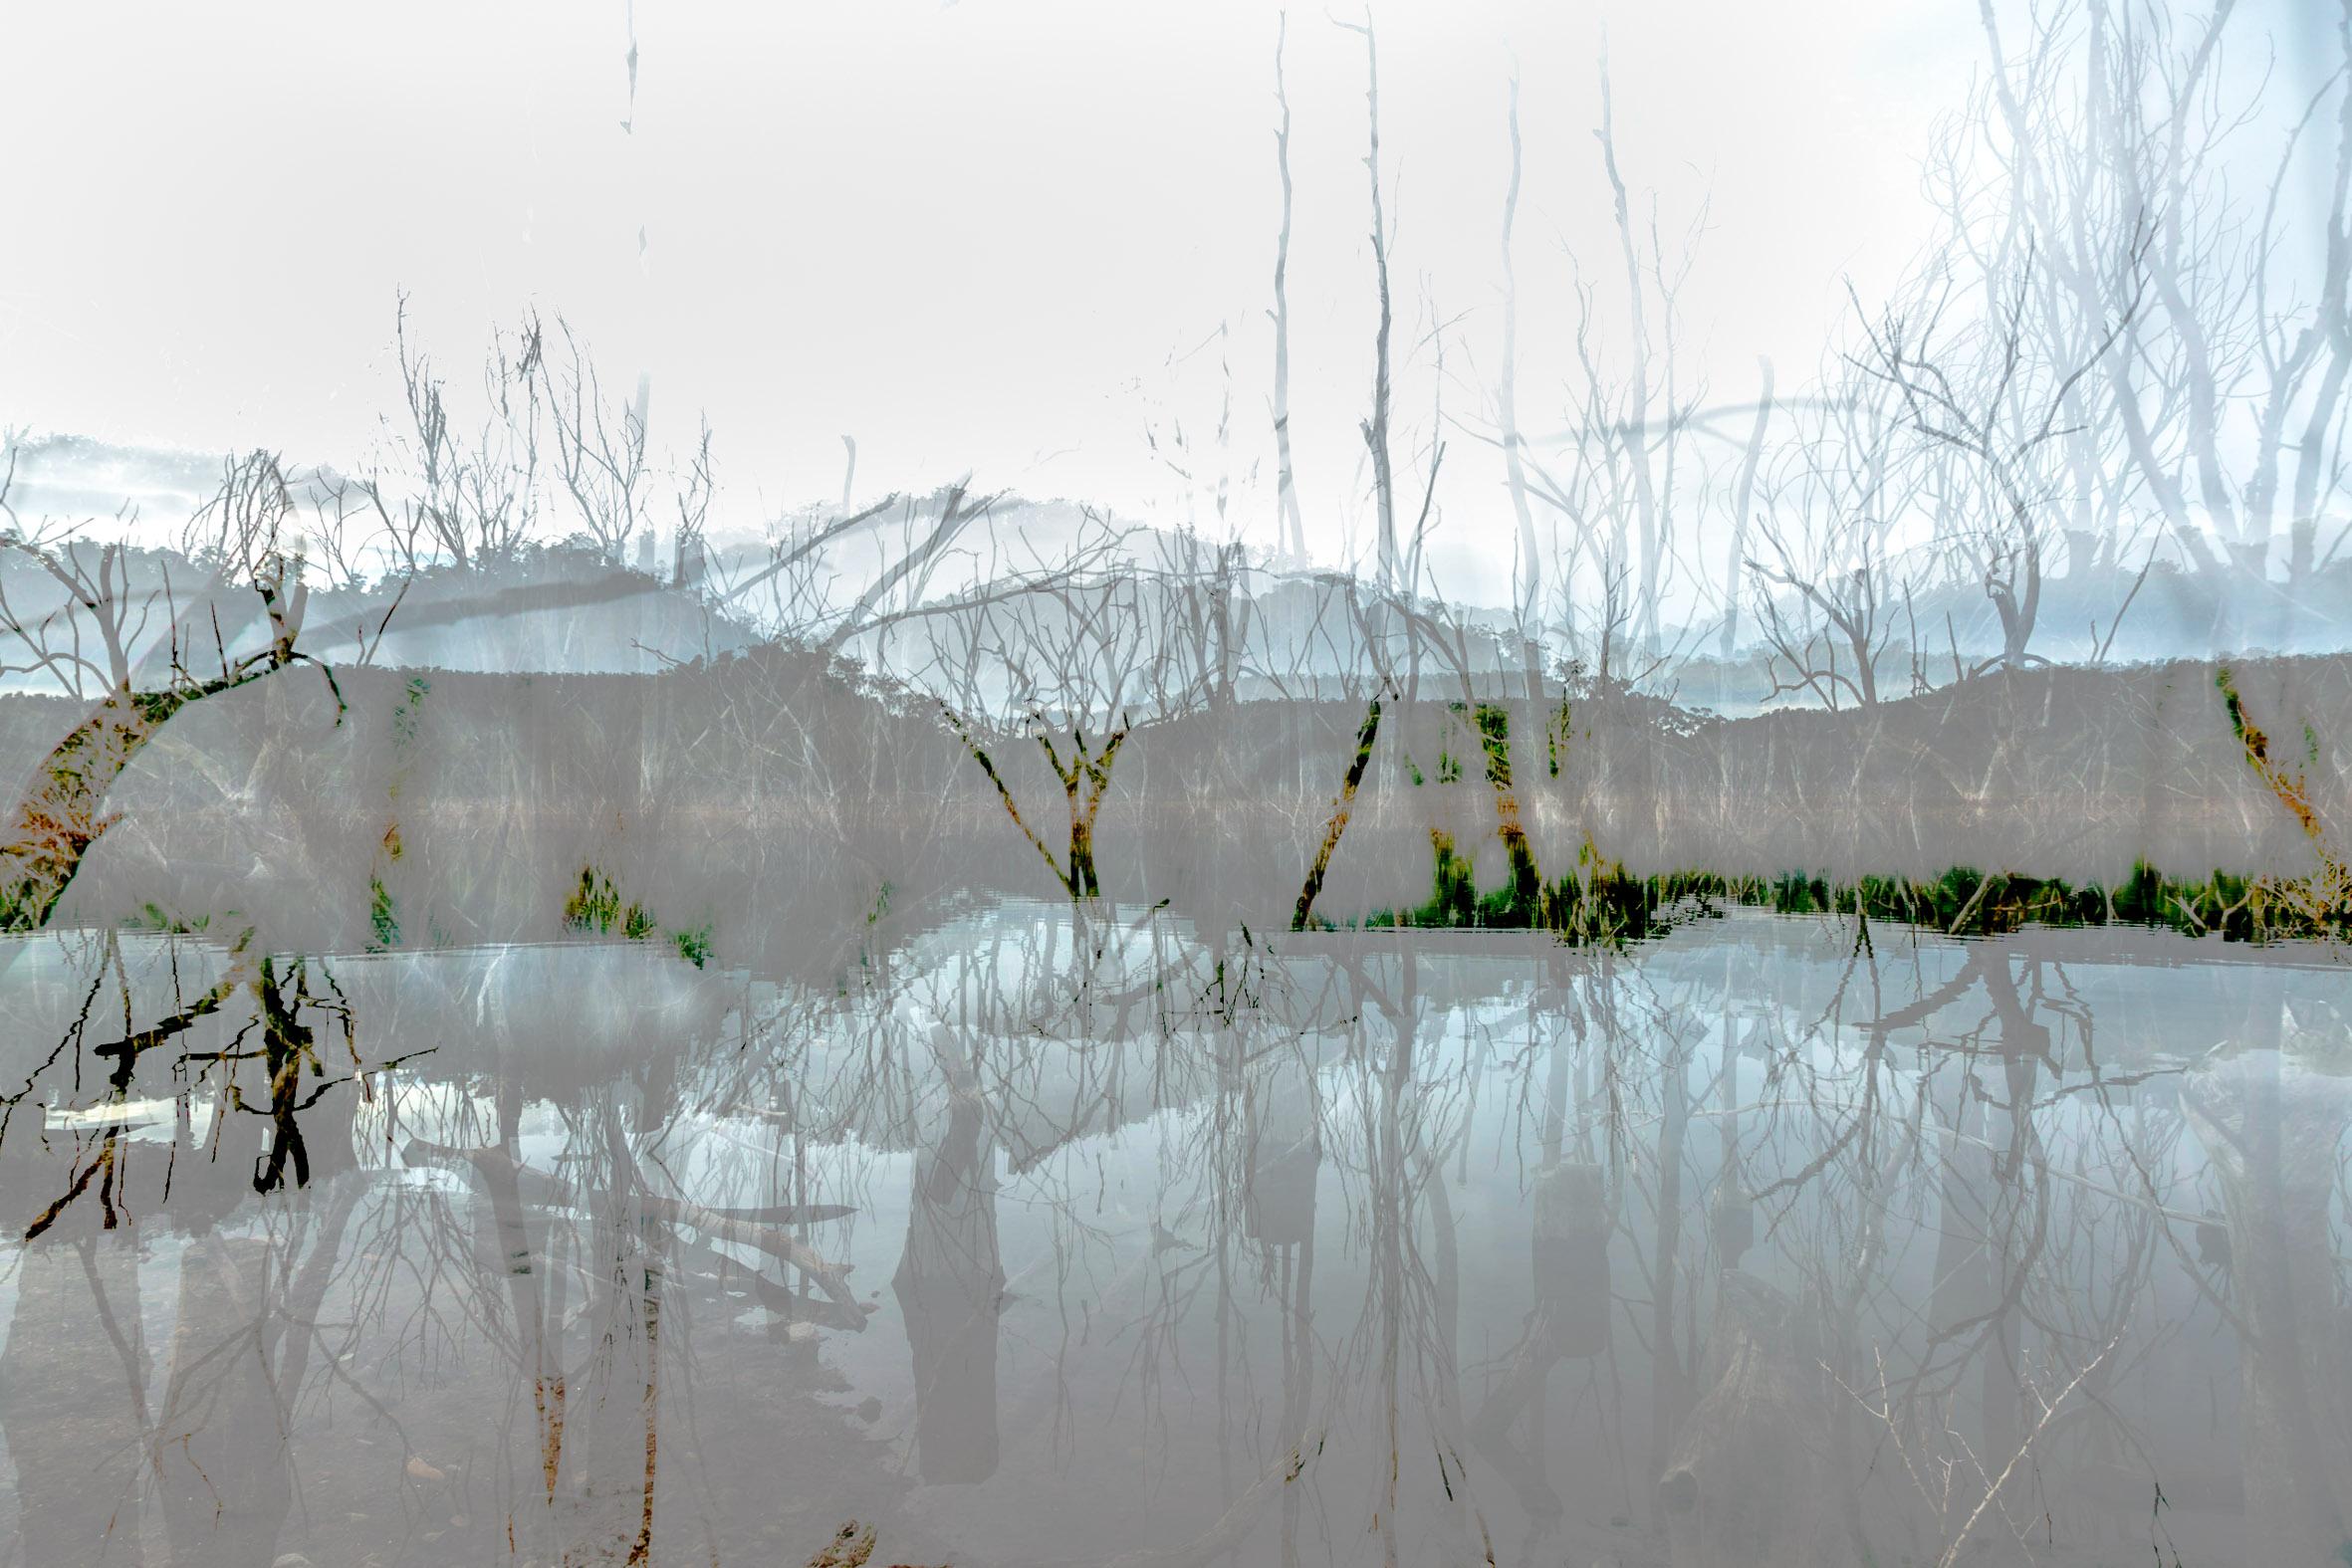 Art Atrium Asher Milgate - Damned - Untitled 4